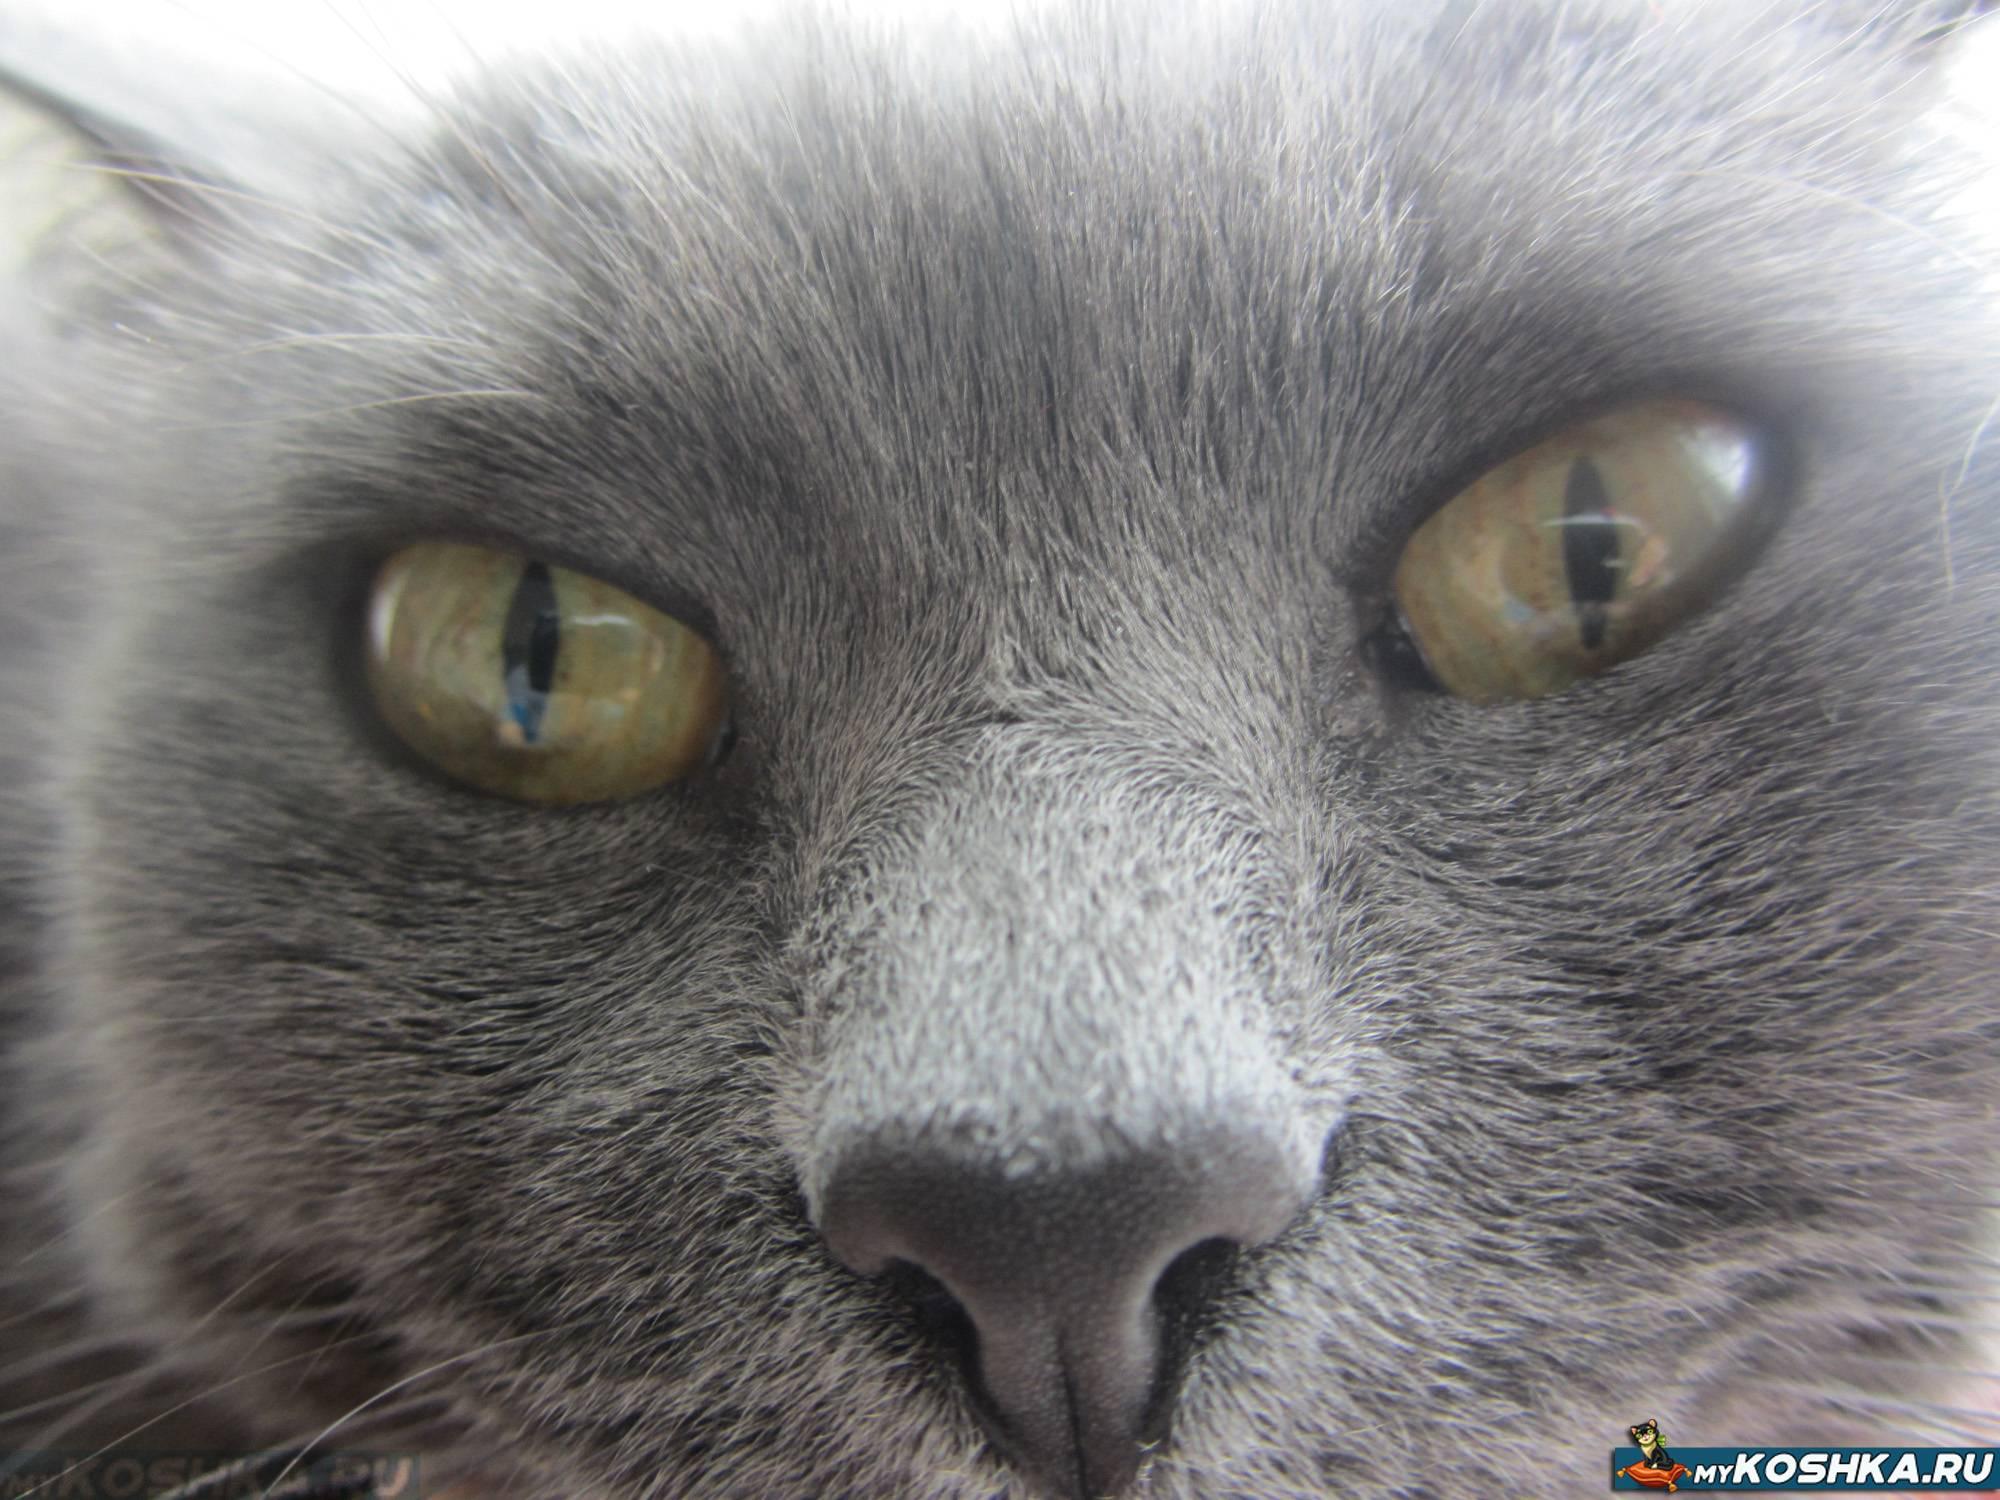 Какой нос должен быть у здорового кота кошки